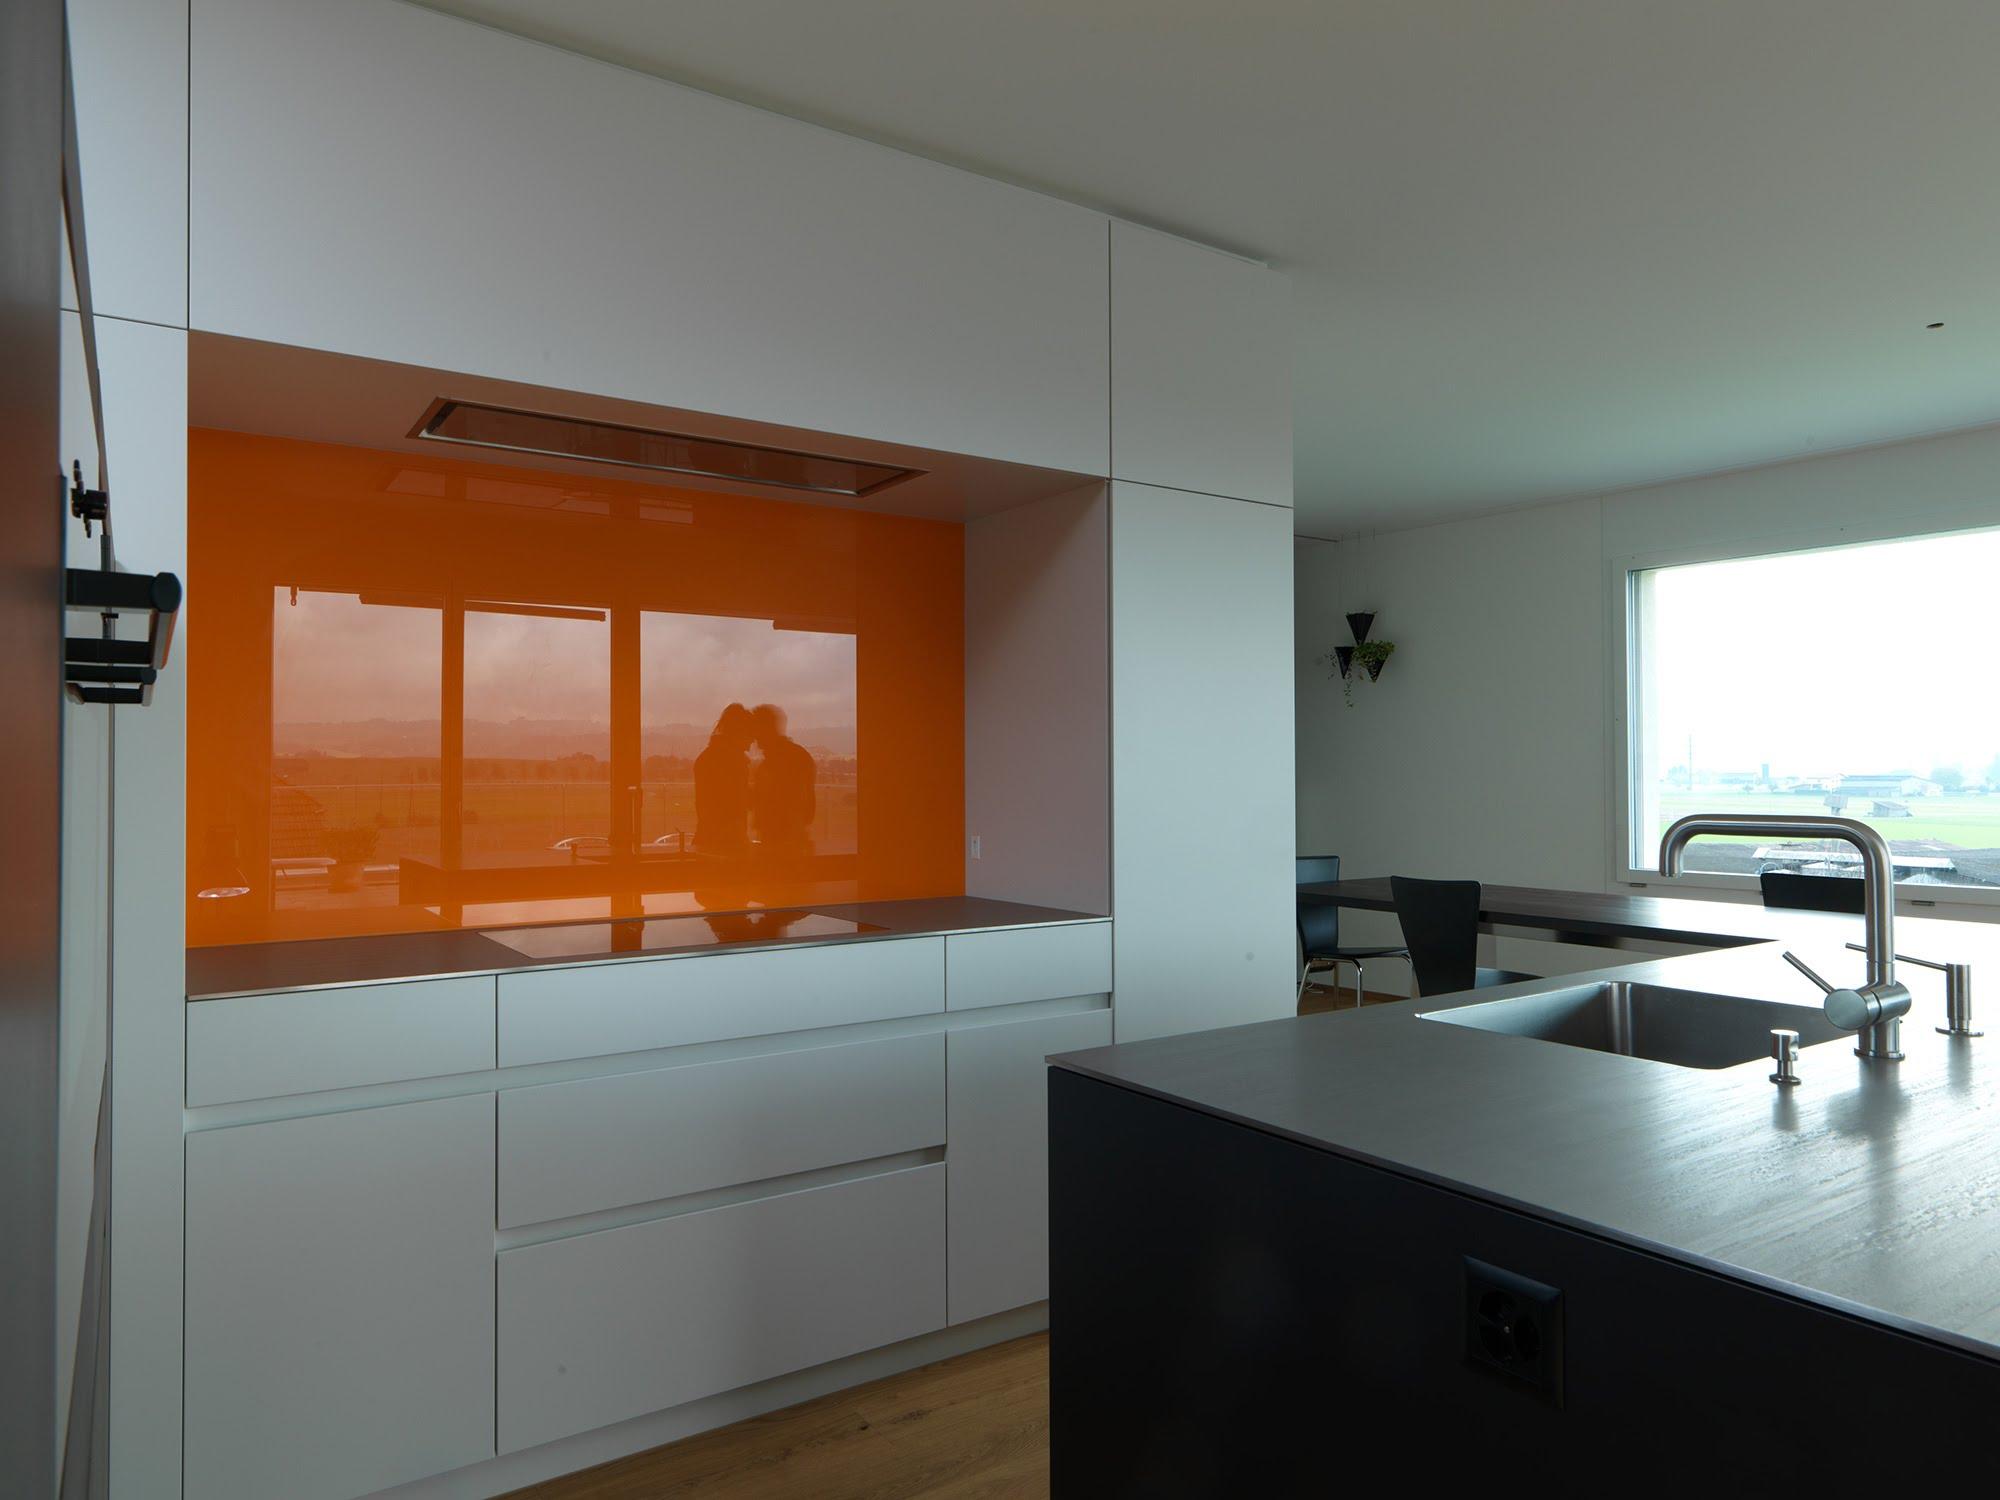 Küchenbau - Küchen & Küchenumbau-Küchen werden immer mehr zum Ort der Begegnung - Sursee, Willisau, Aargau, Zentralschweiz, Luzern, Zofingen